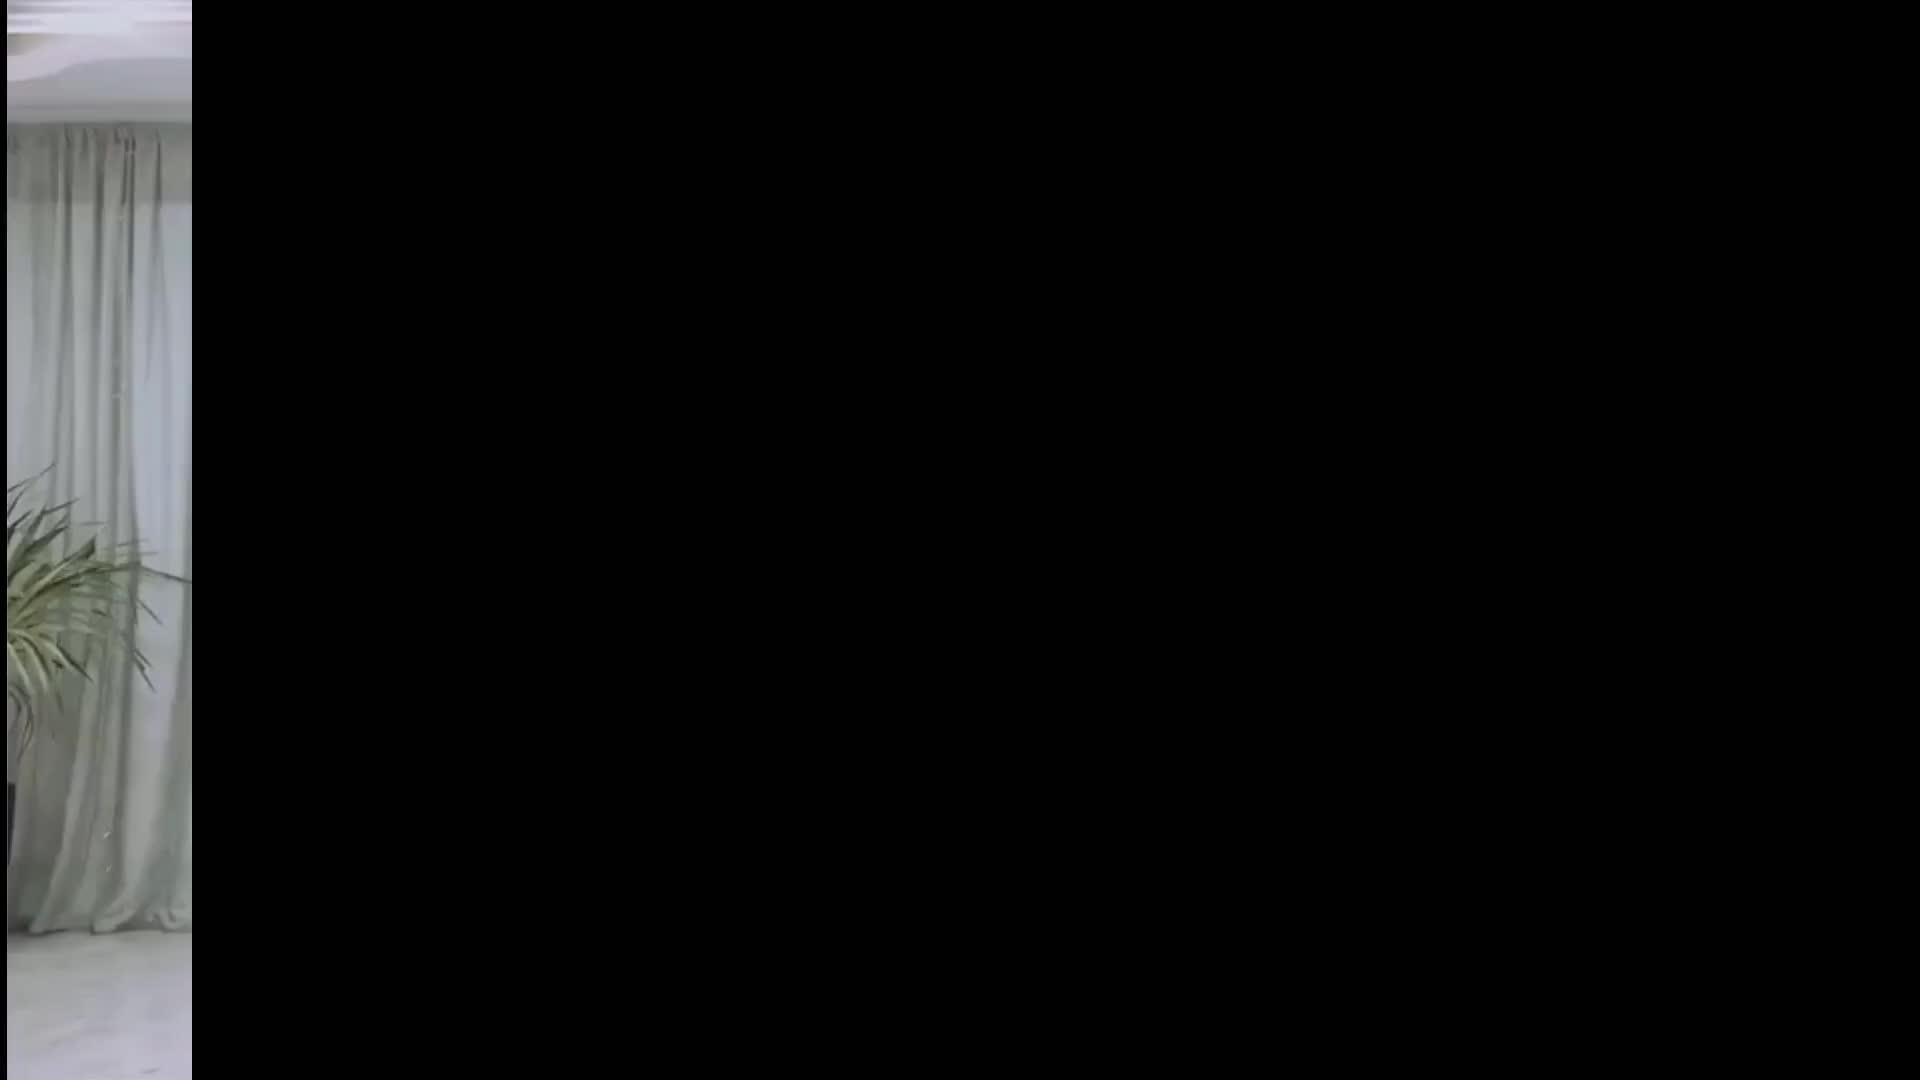 D'énergie Solaire sur mesure Fournisseur de carte de Circuit Wifi Routeur PCBA Fabricant DC AC Onduleur Assemblage DE CIRCUITS IMPRIMÉS